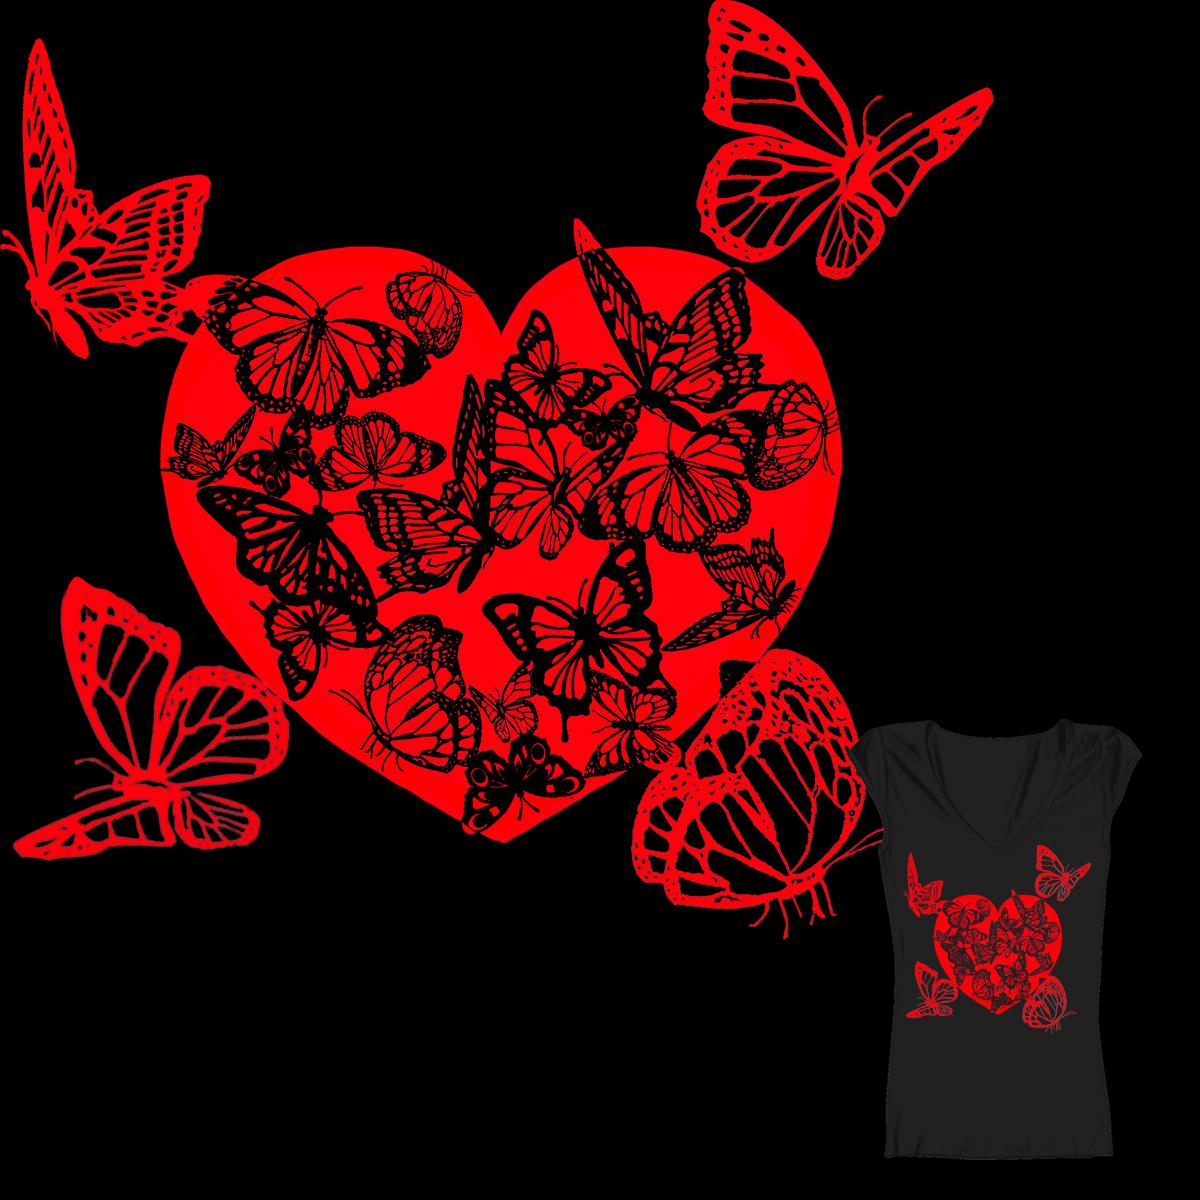 fluttery heart by parulbajaj on Threadless